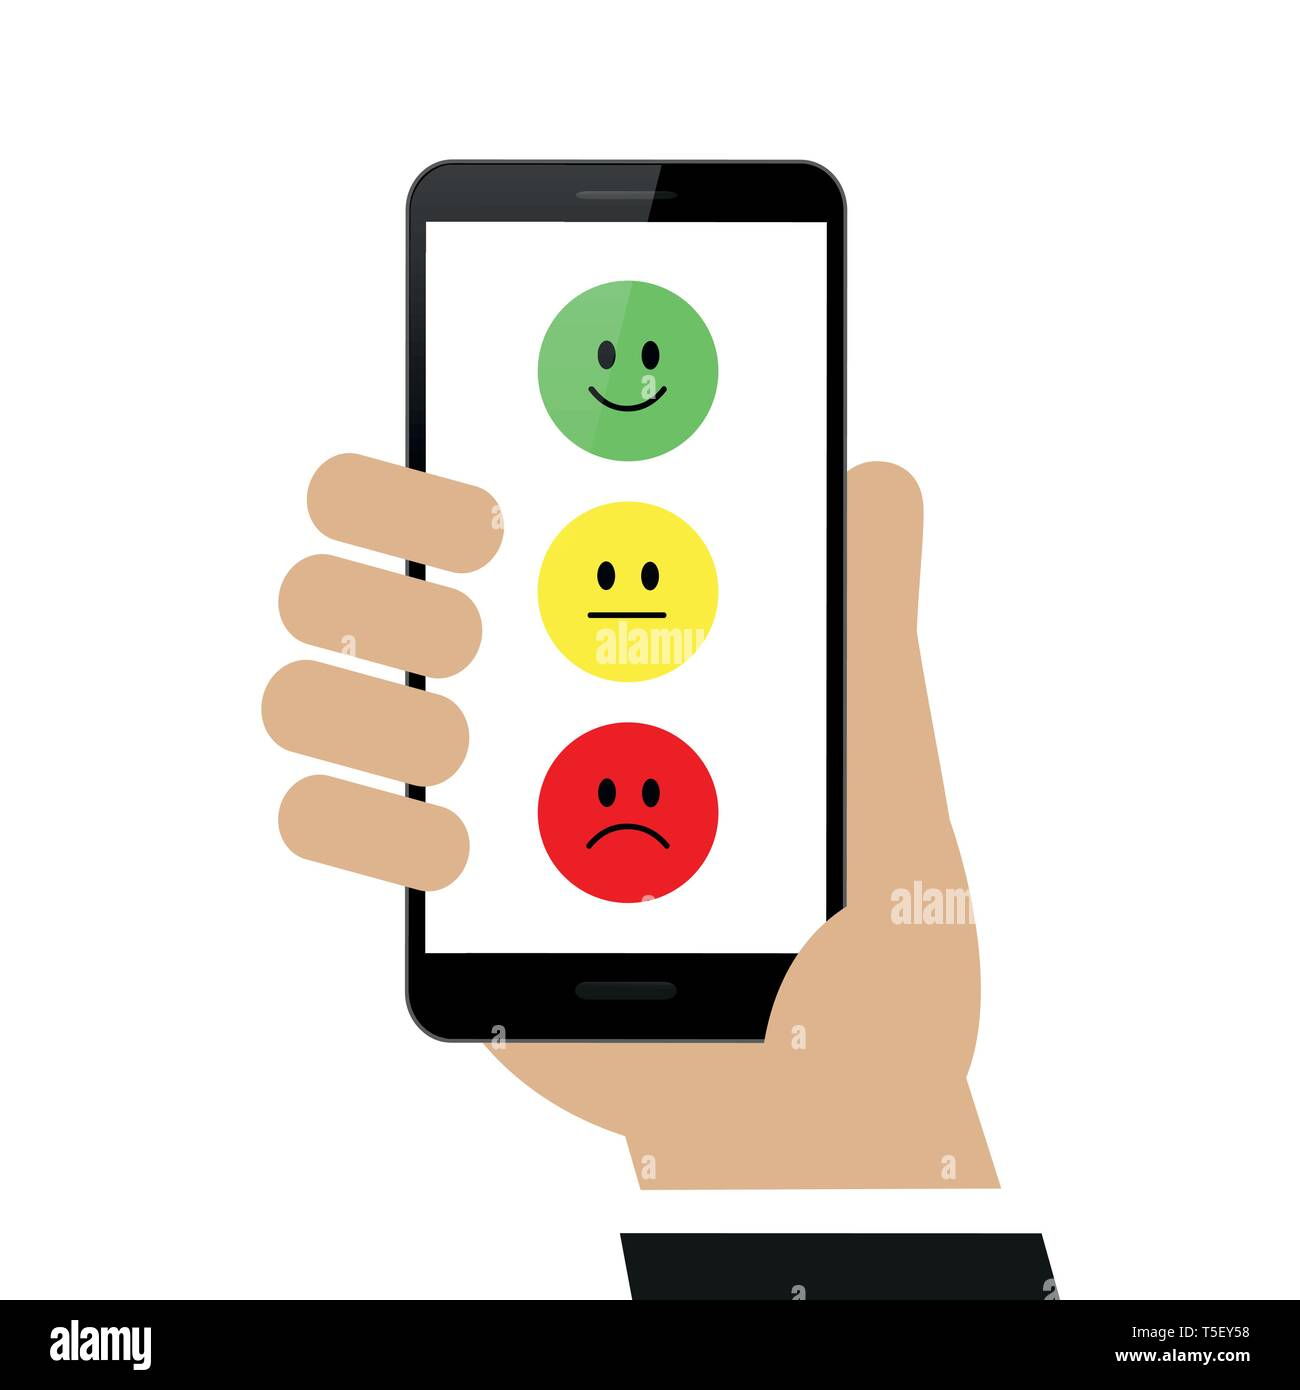 Enviar calificación mediante el smartphone aislado sobre fondo blanco ilustración vectorial EPS10 Imagen De Stock